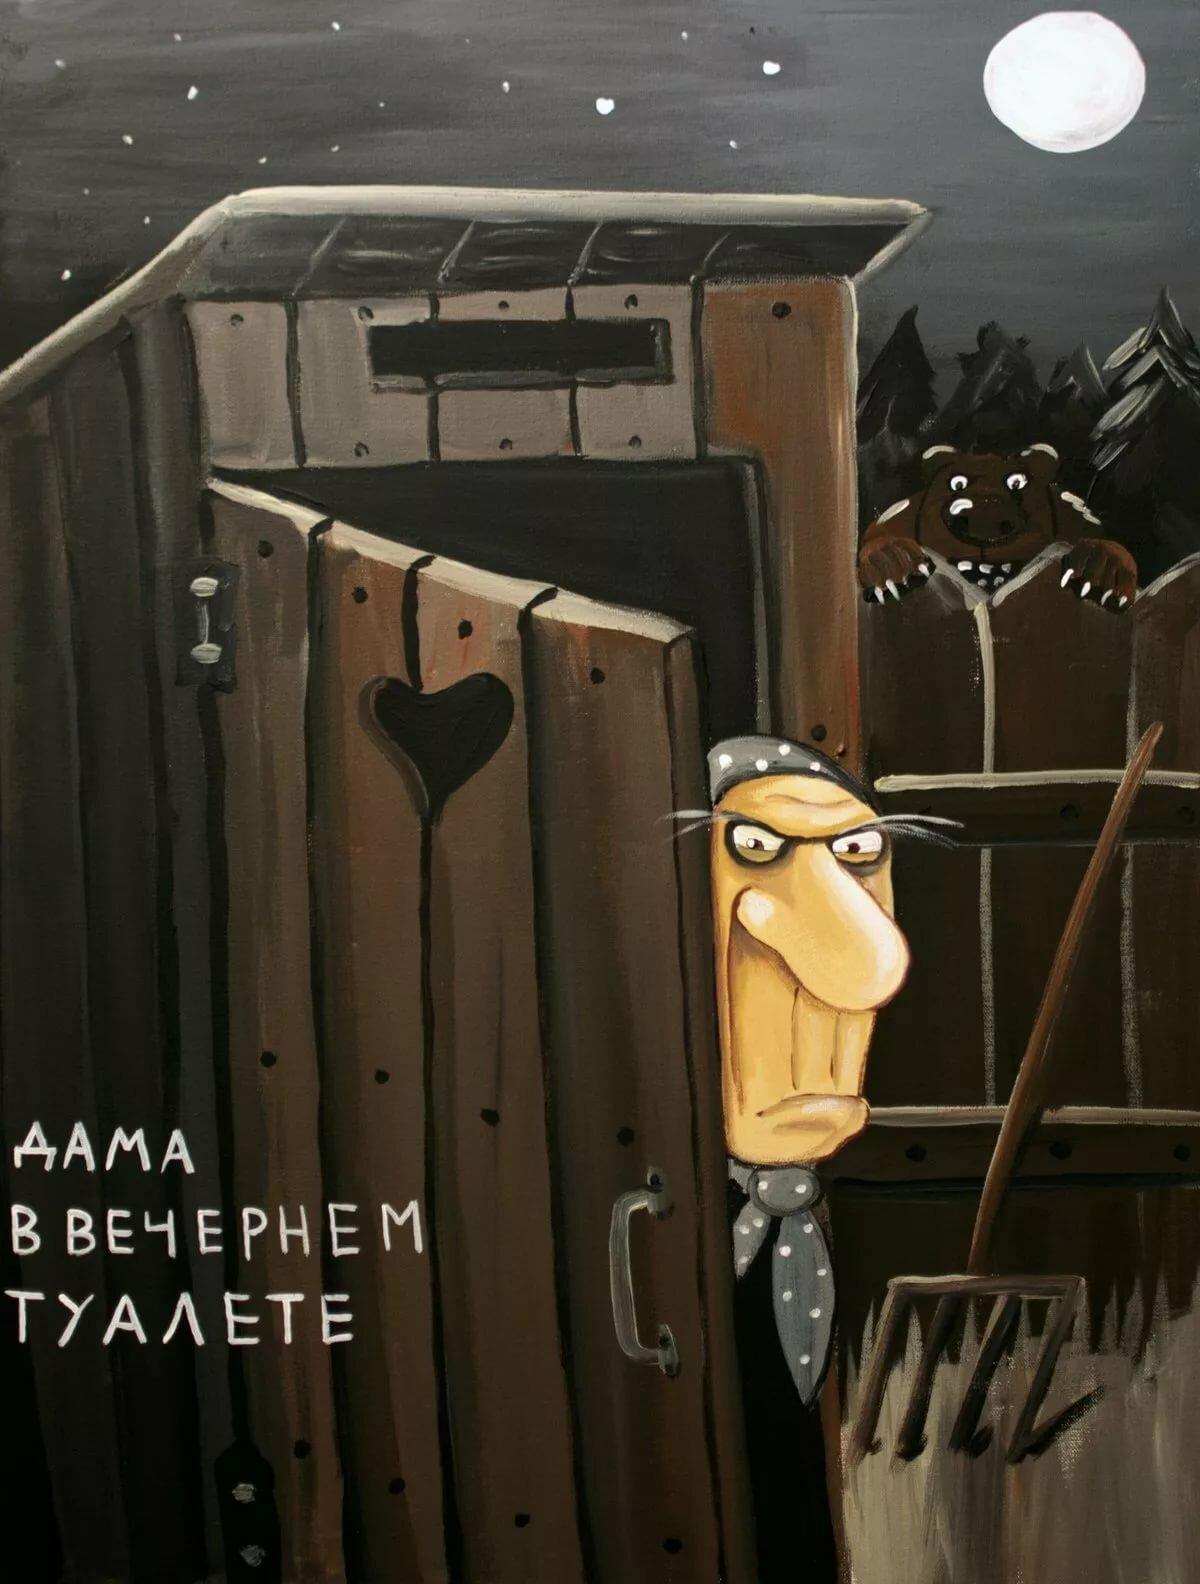 Вася Ложкин «Дама в вечернем туалете»